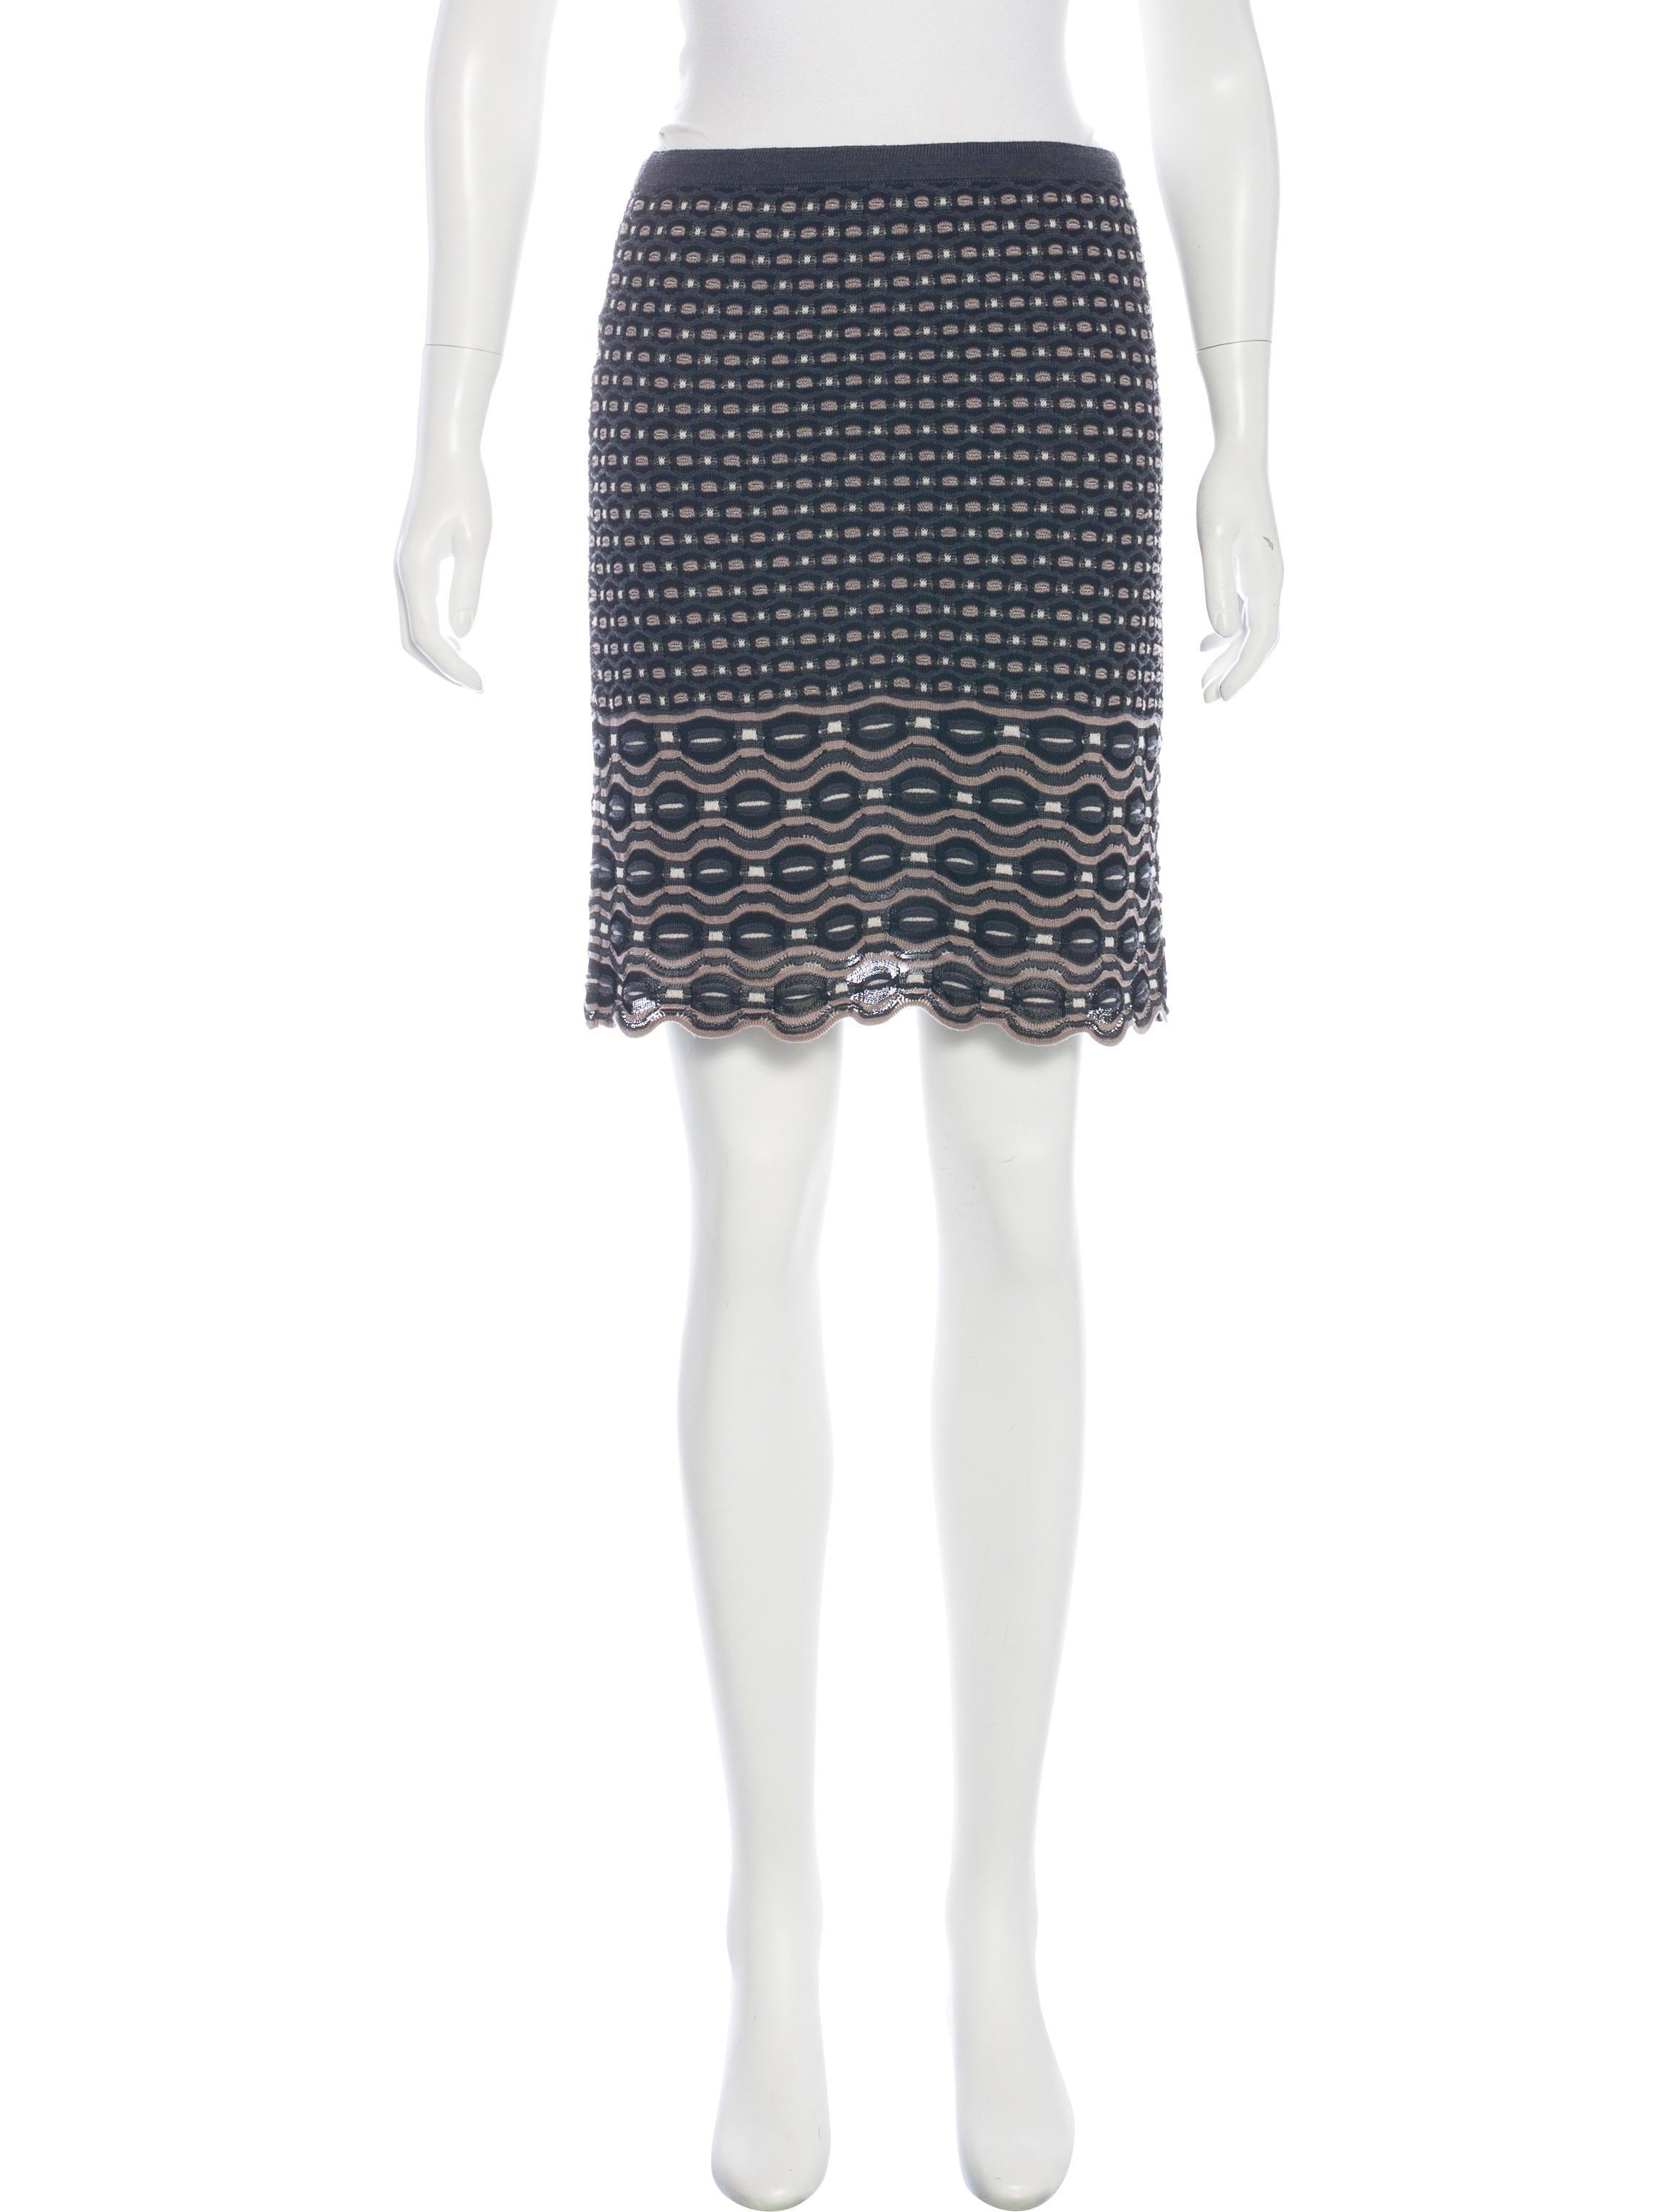 M Missoni Knit Pencil Skirt - Clothing - WM439736 | The ...